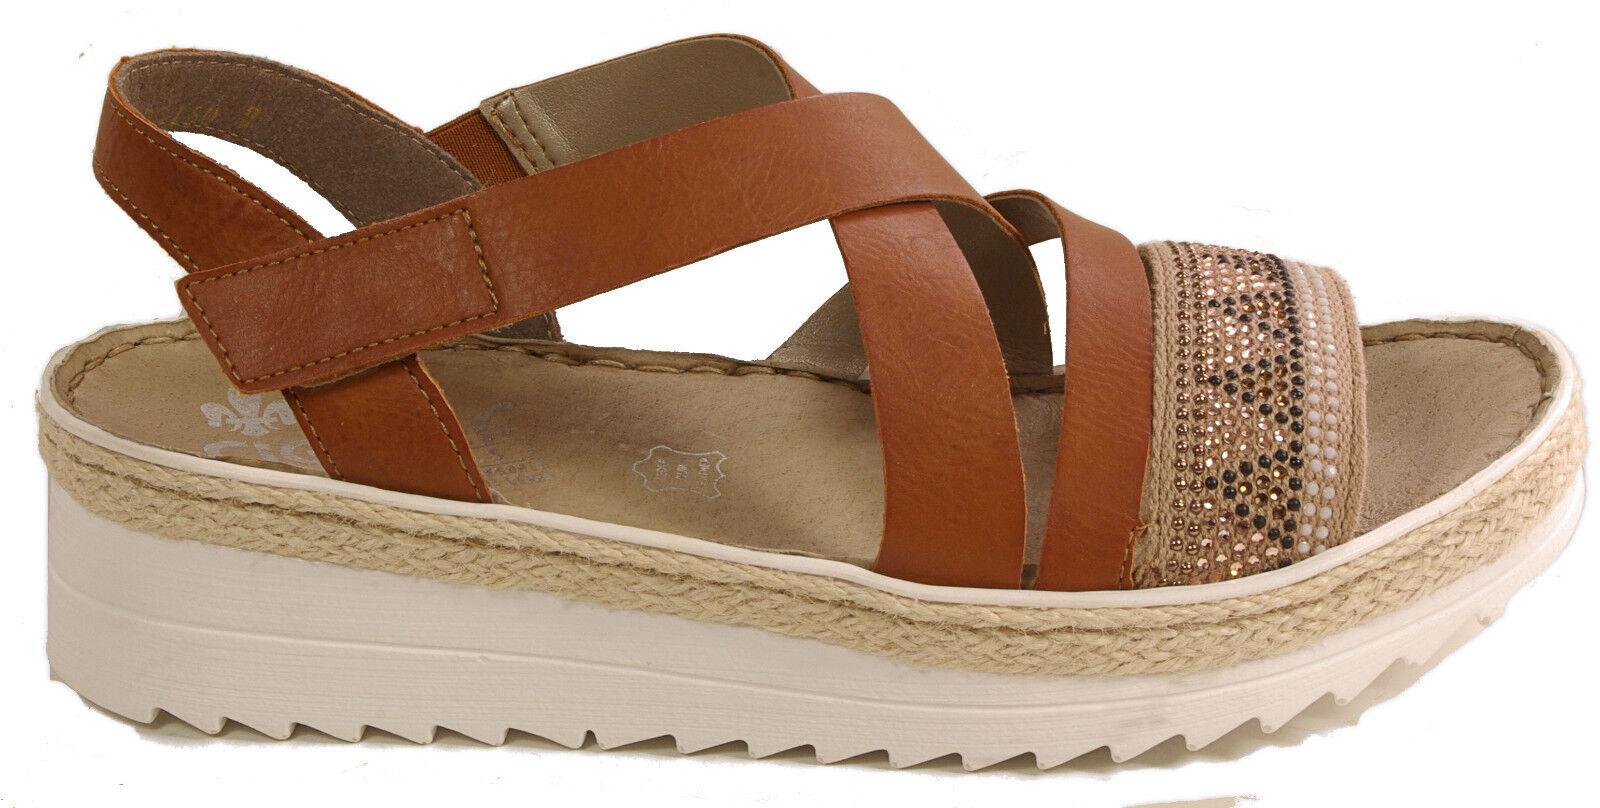 Rieker sandalias zapatos con tiras sandalias plataforma marrón cuero de cuero marrón pedrería nuevo 8fddcb